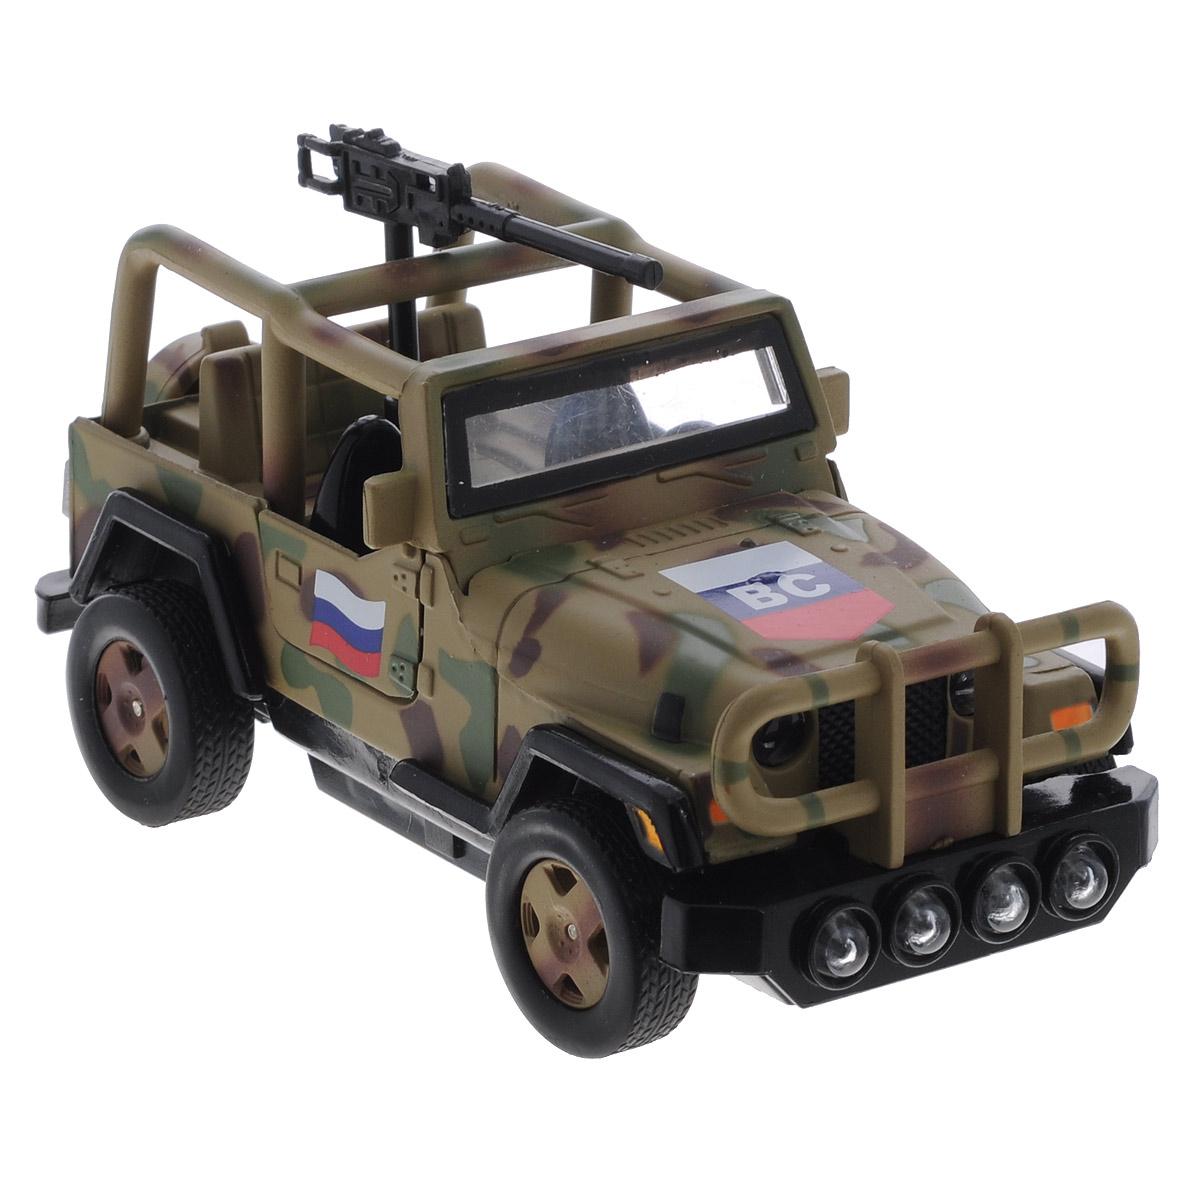 ТехноПарк Военный внедорожник инерционныйCT1061(SL598MWB)Машинка ТехноПарк Военный внедорожник , выполненная из металла и пластика, станет любимой игрушкой вашего малыша. Игрушка представляет собой военный внедорожник, оснащенный открывающимися дверьми и вращающимся пулеметом. При нажатии на руль раздаются звуки стрельбы и команды военных. Игрушка оснащена инерционным ходом. Машинку необходимо отвести назад, слегка надавив на крышу, затем отпустить - и она быстро поедет вперед. Прорезиненные колеса обеспечивают надежное сцепление с любой гладкой поверхностью. Ваш ребенок будет часами играть с этой машинкой, придумывая различные истории. Порадуйте его таким замечательным подарком! Машинка работает от батареек (товар комплектуется демонстрационными).